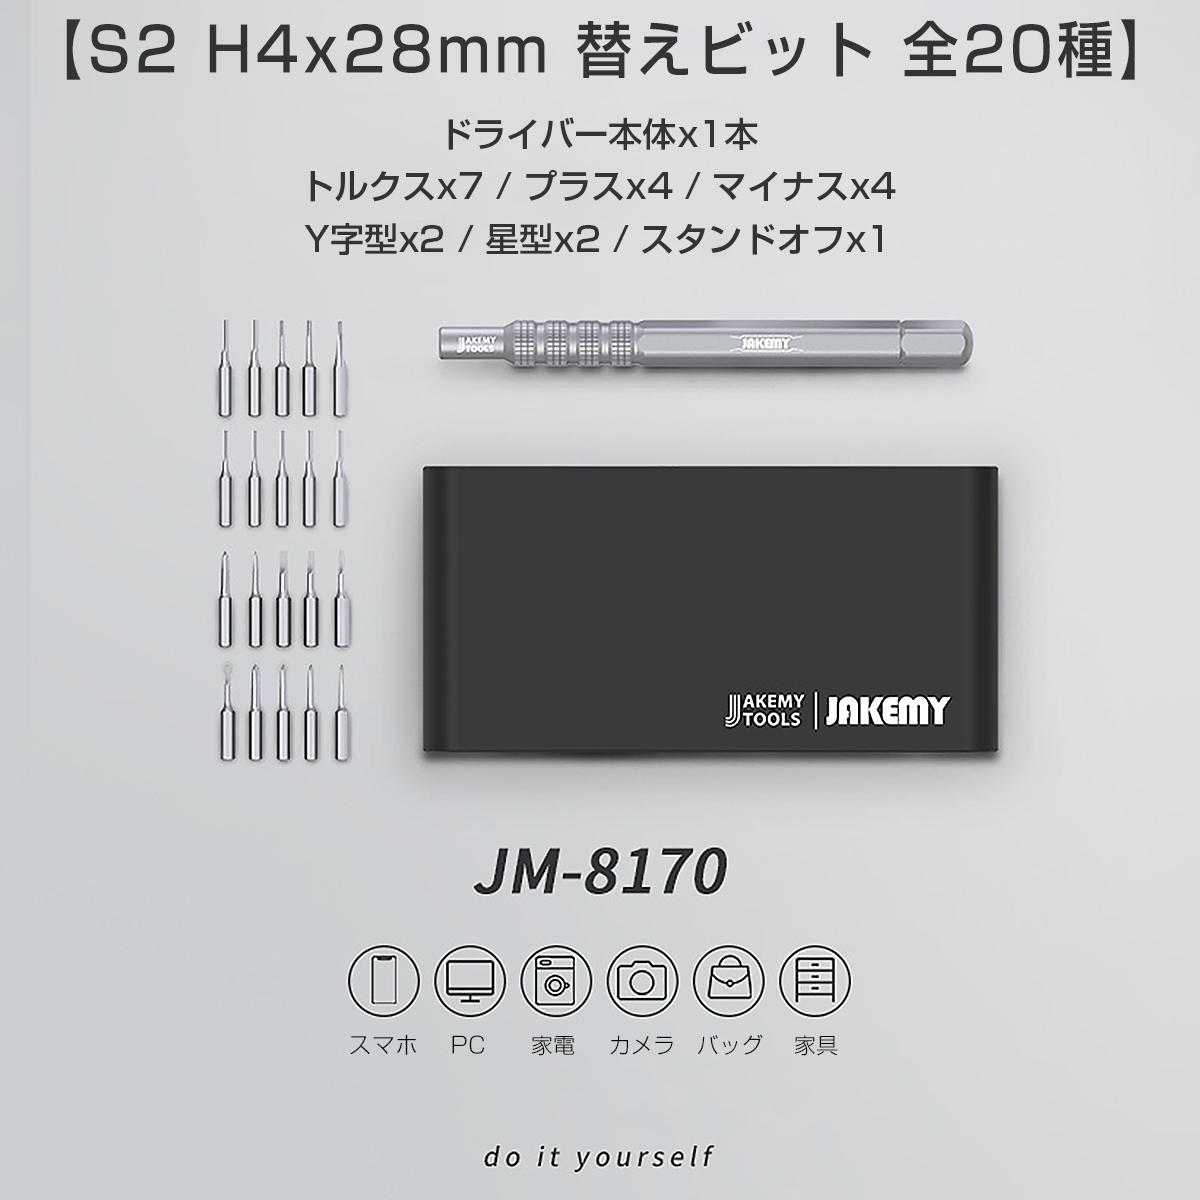 JAKEMY 20in1 精密ドライバーセット 特殊ドライバー 磁石付き ネジ回し 修理キット 多機能ツールキット DIY作業工具 スマホ タブレット PC ノートPC 腕時計 デジタルカメラ フィギュア ゲーム機 PS4 XBOX 任天堂スイッチ SDM便送料無料 1ヶ月保証